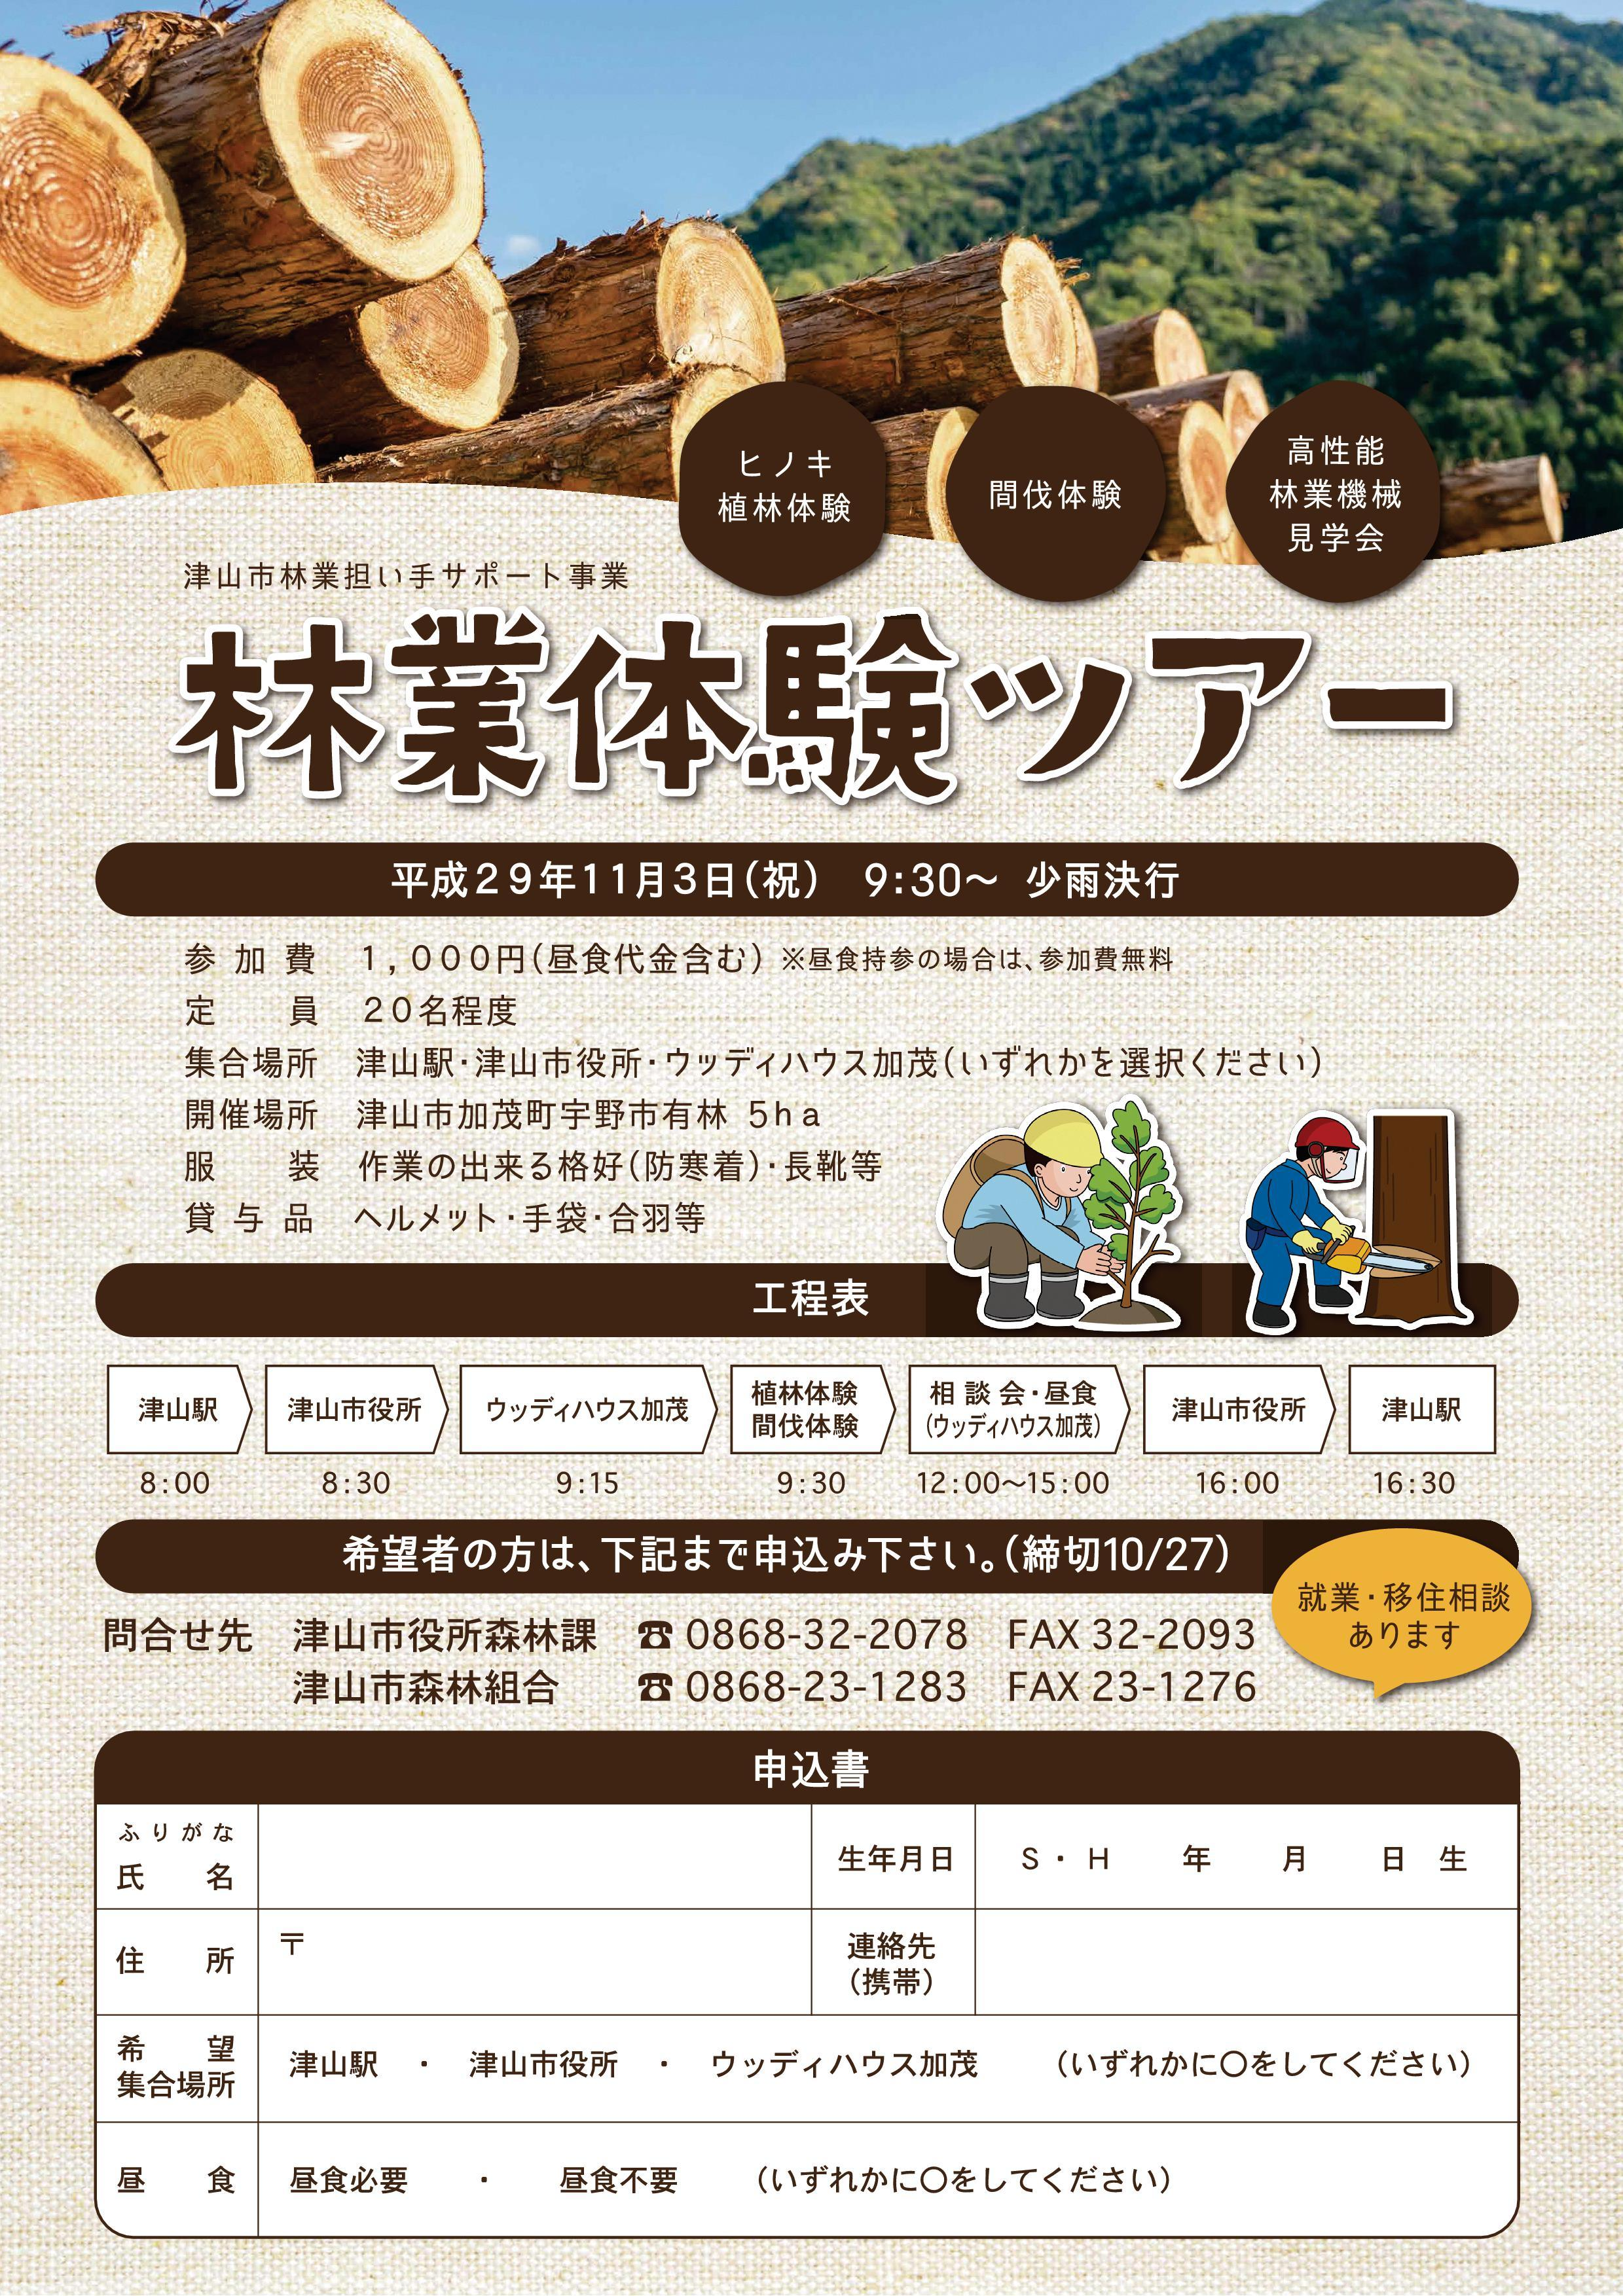 2017年11月3日(祝)林業体験ツアー開催のお知らせ